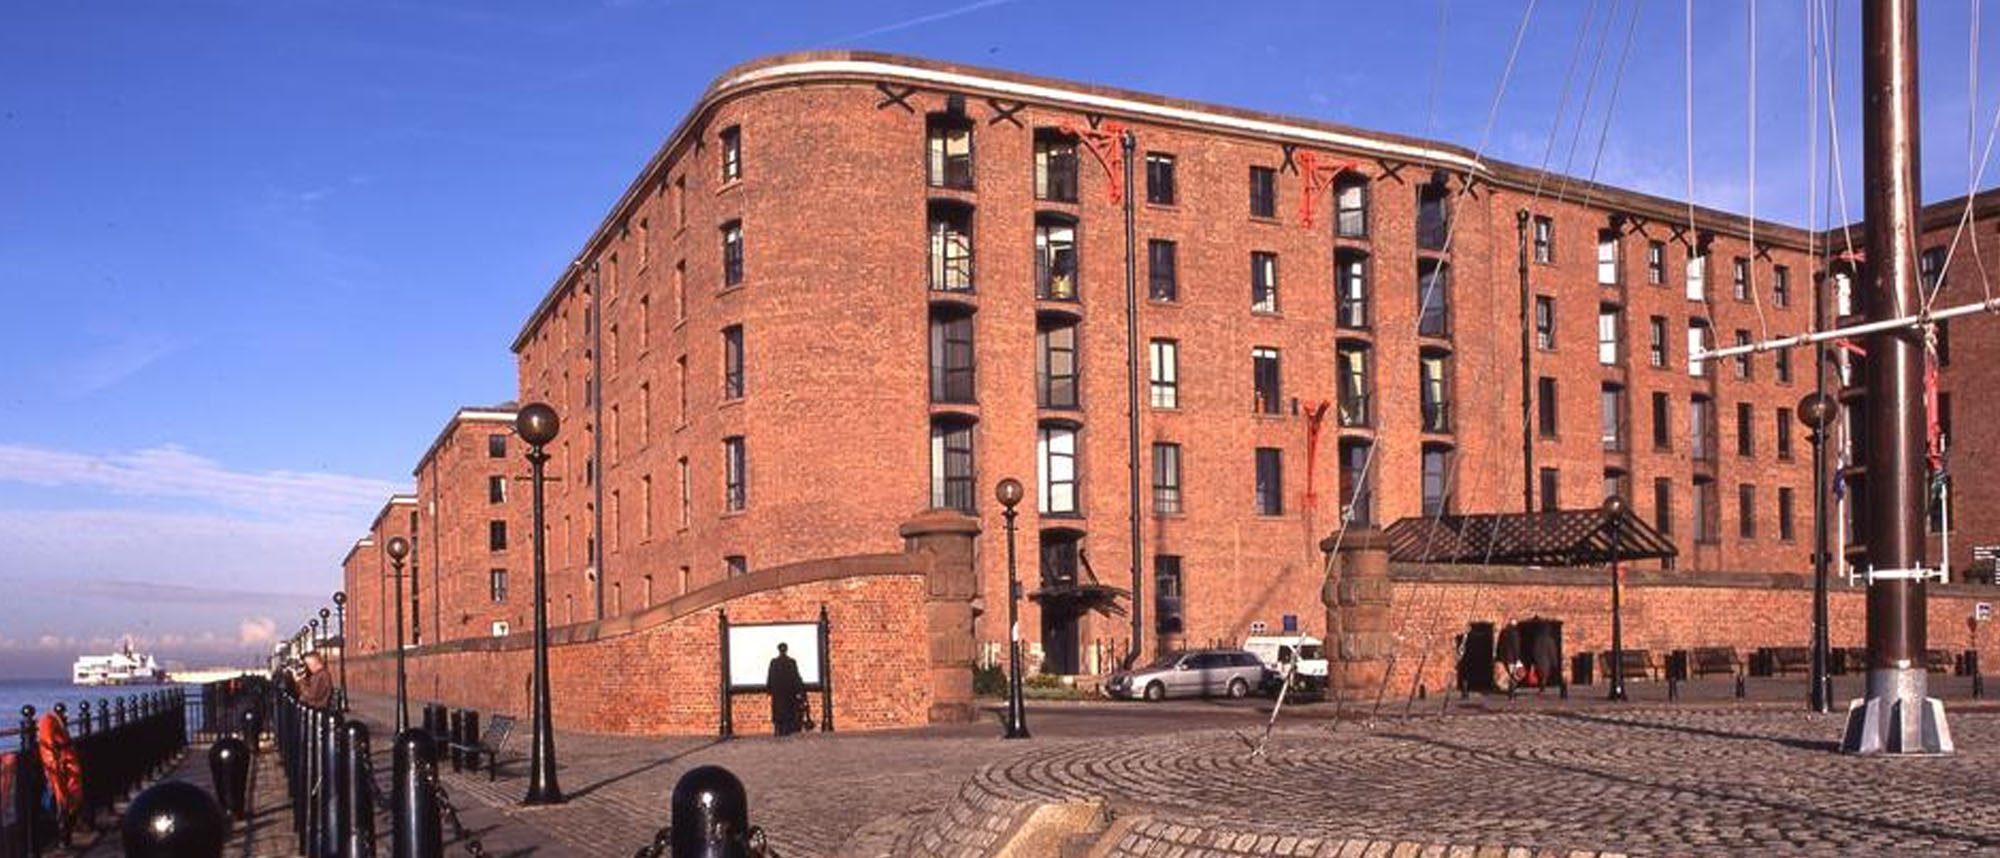 Cheap Hotels Albert Dock Liverpool